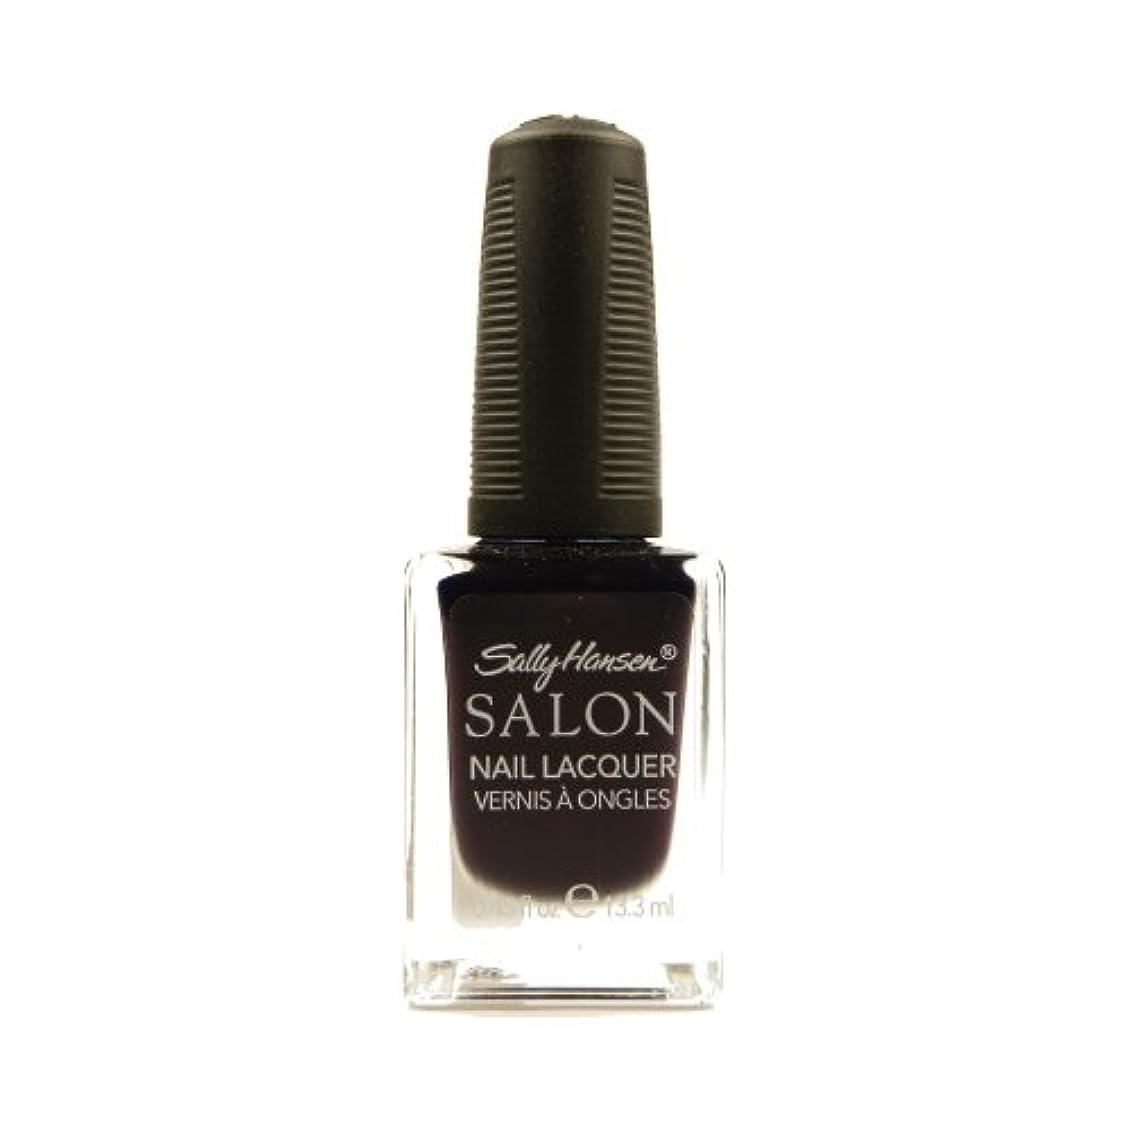 胸ドキュメンタリーメディカルSALLY HANSEN Salon Nail Lacquer 4134 - The Deepest of Violets (並行輸入品)